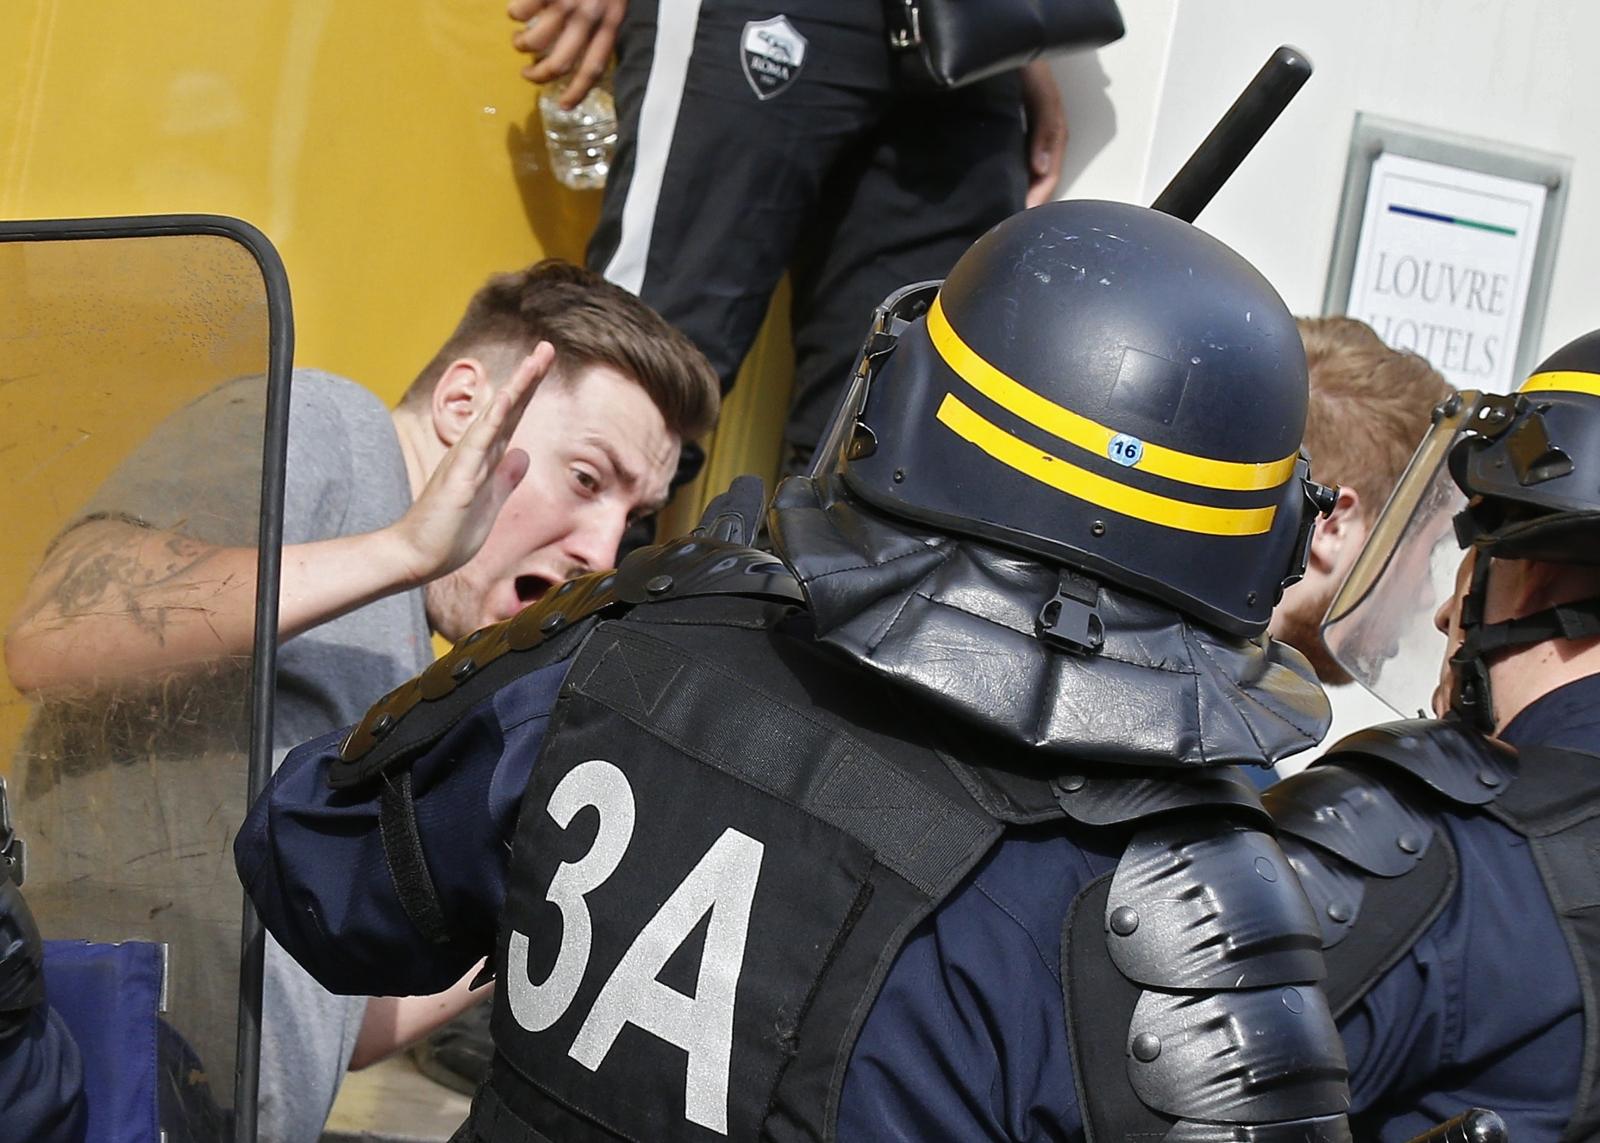 Lille violence